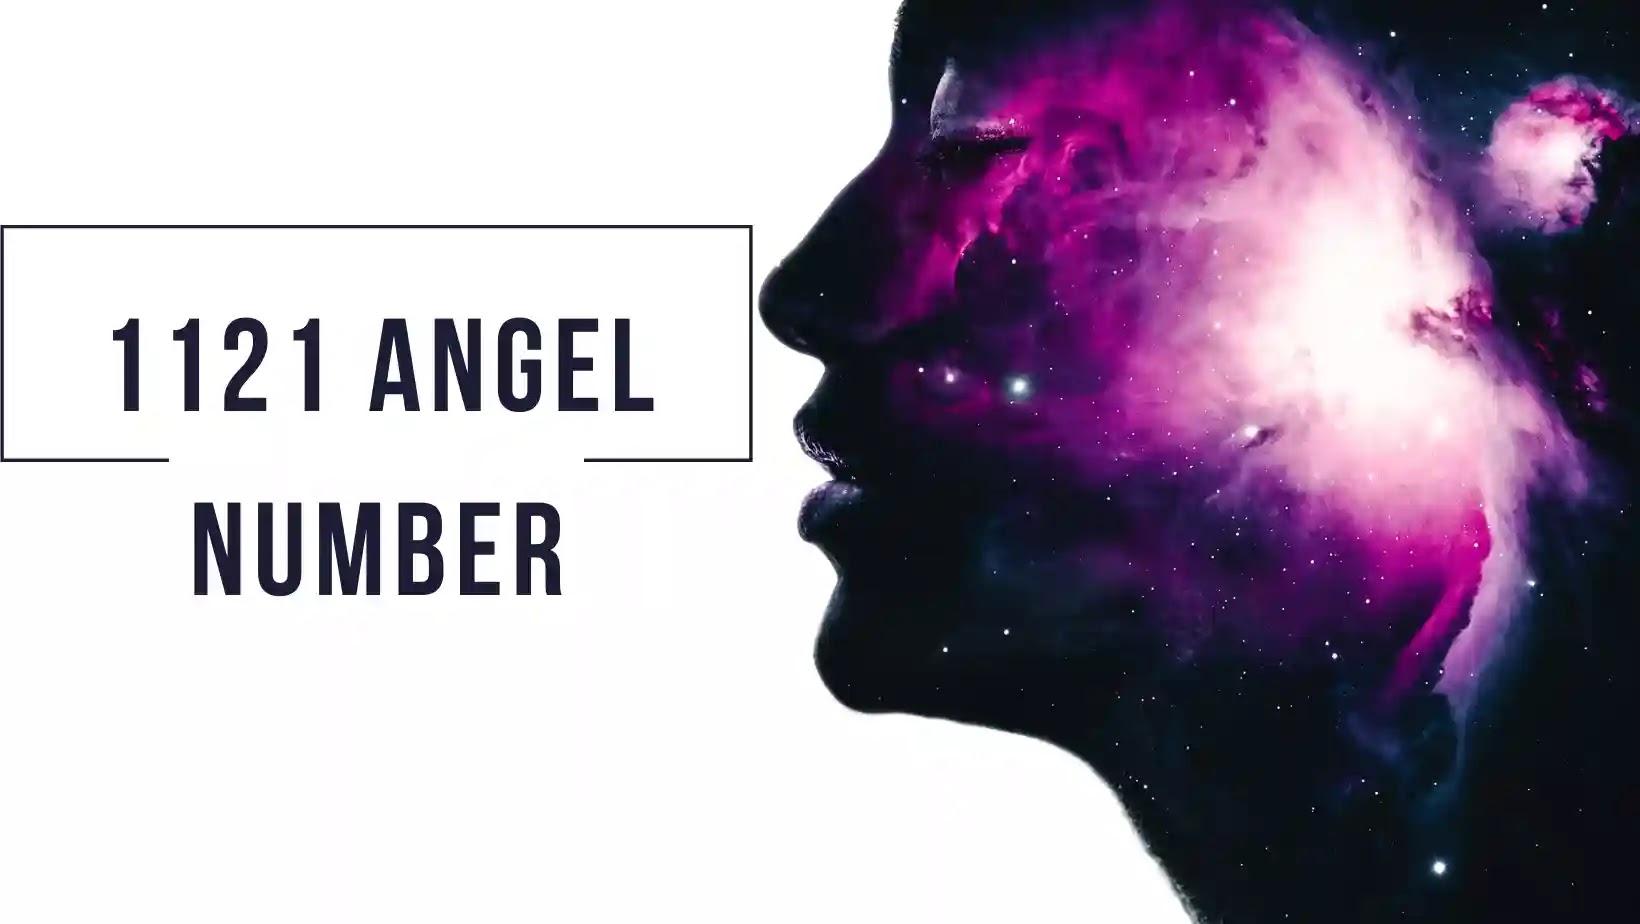 1121 angel number